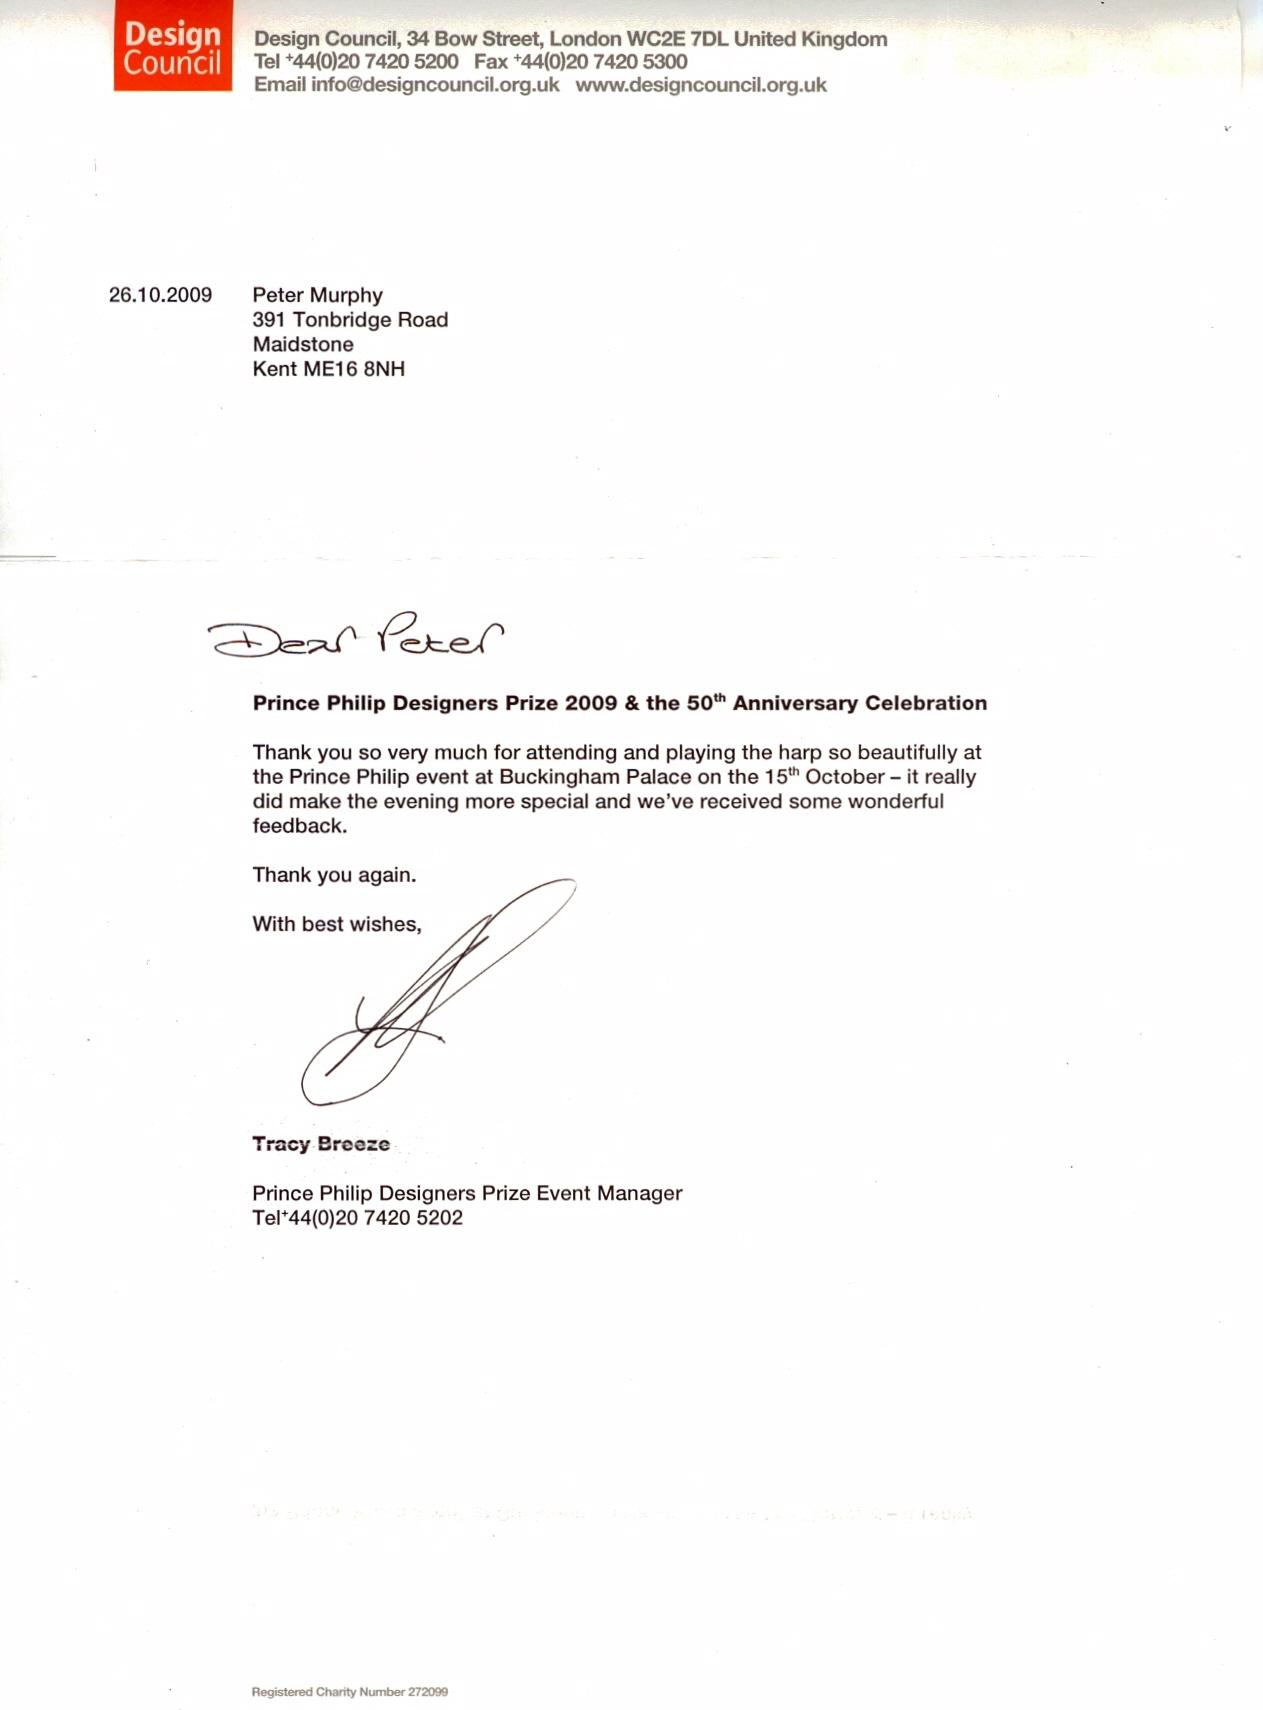 Peter Murphy harpist appraisals – Letter of Appraisal